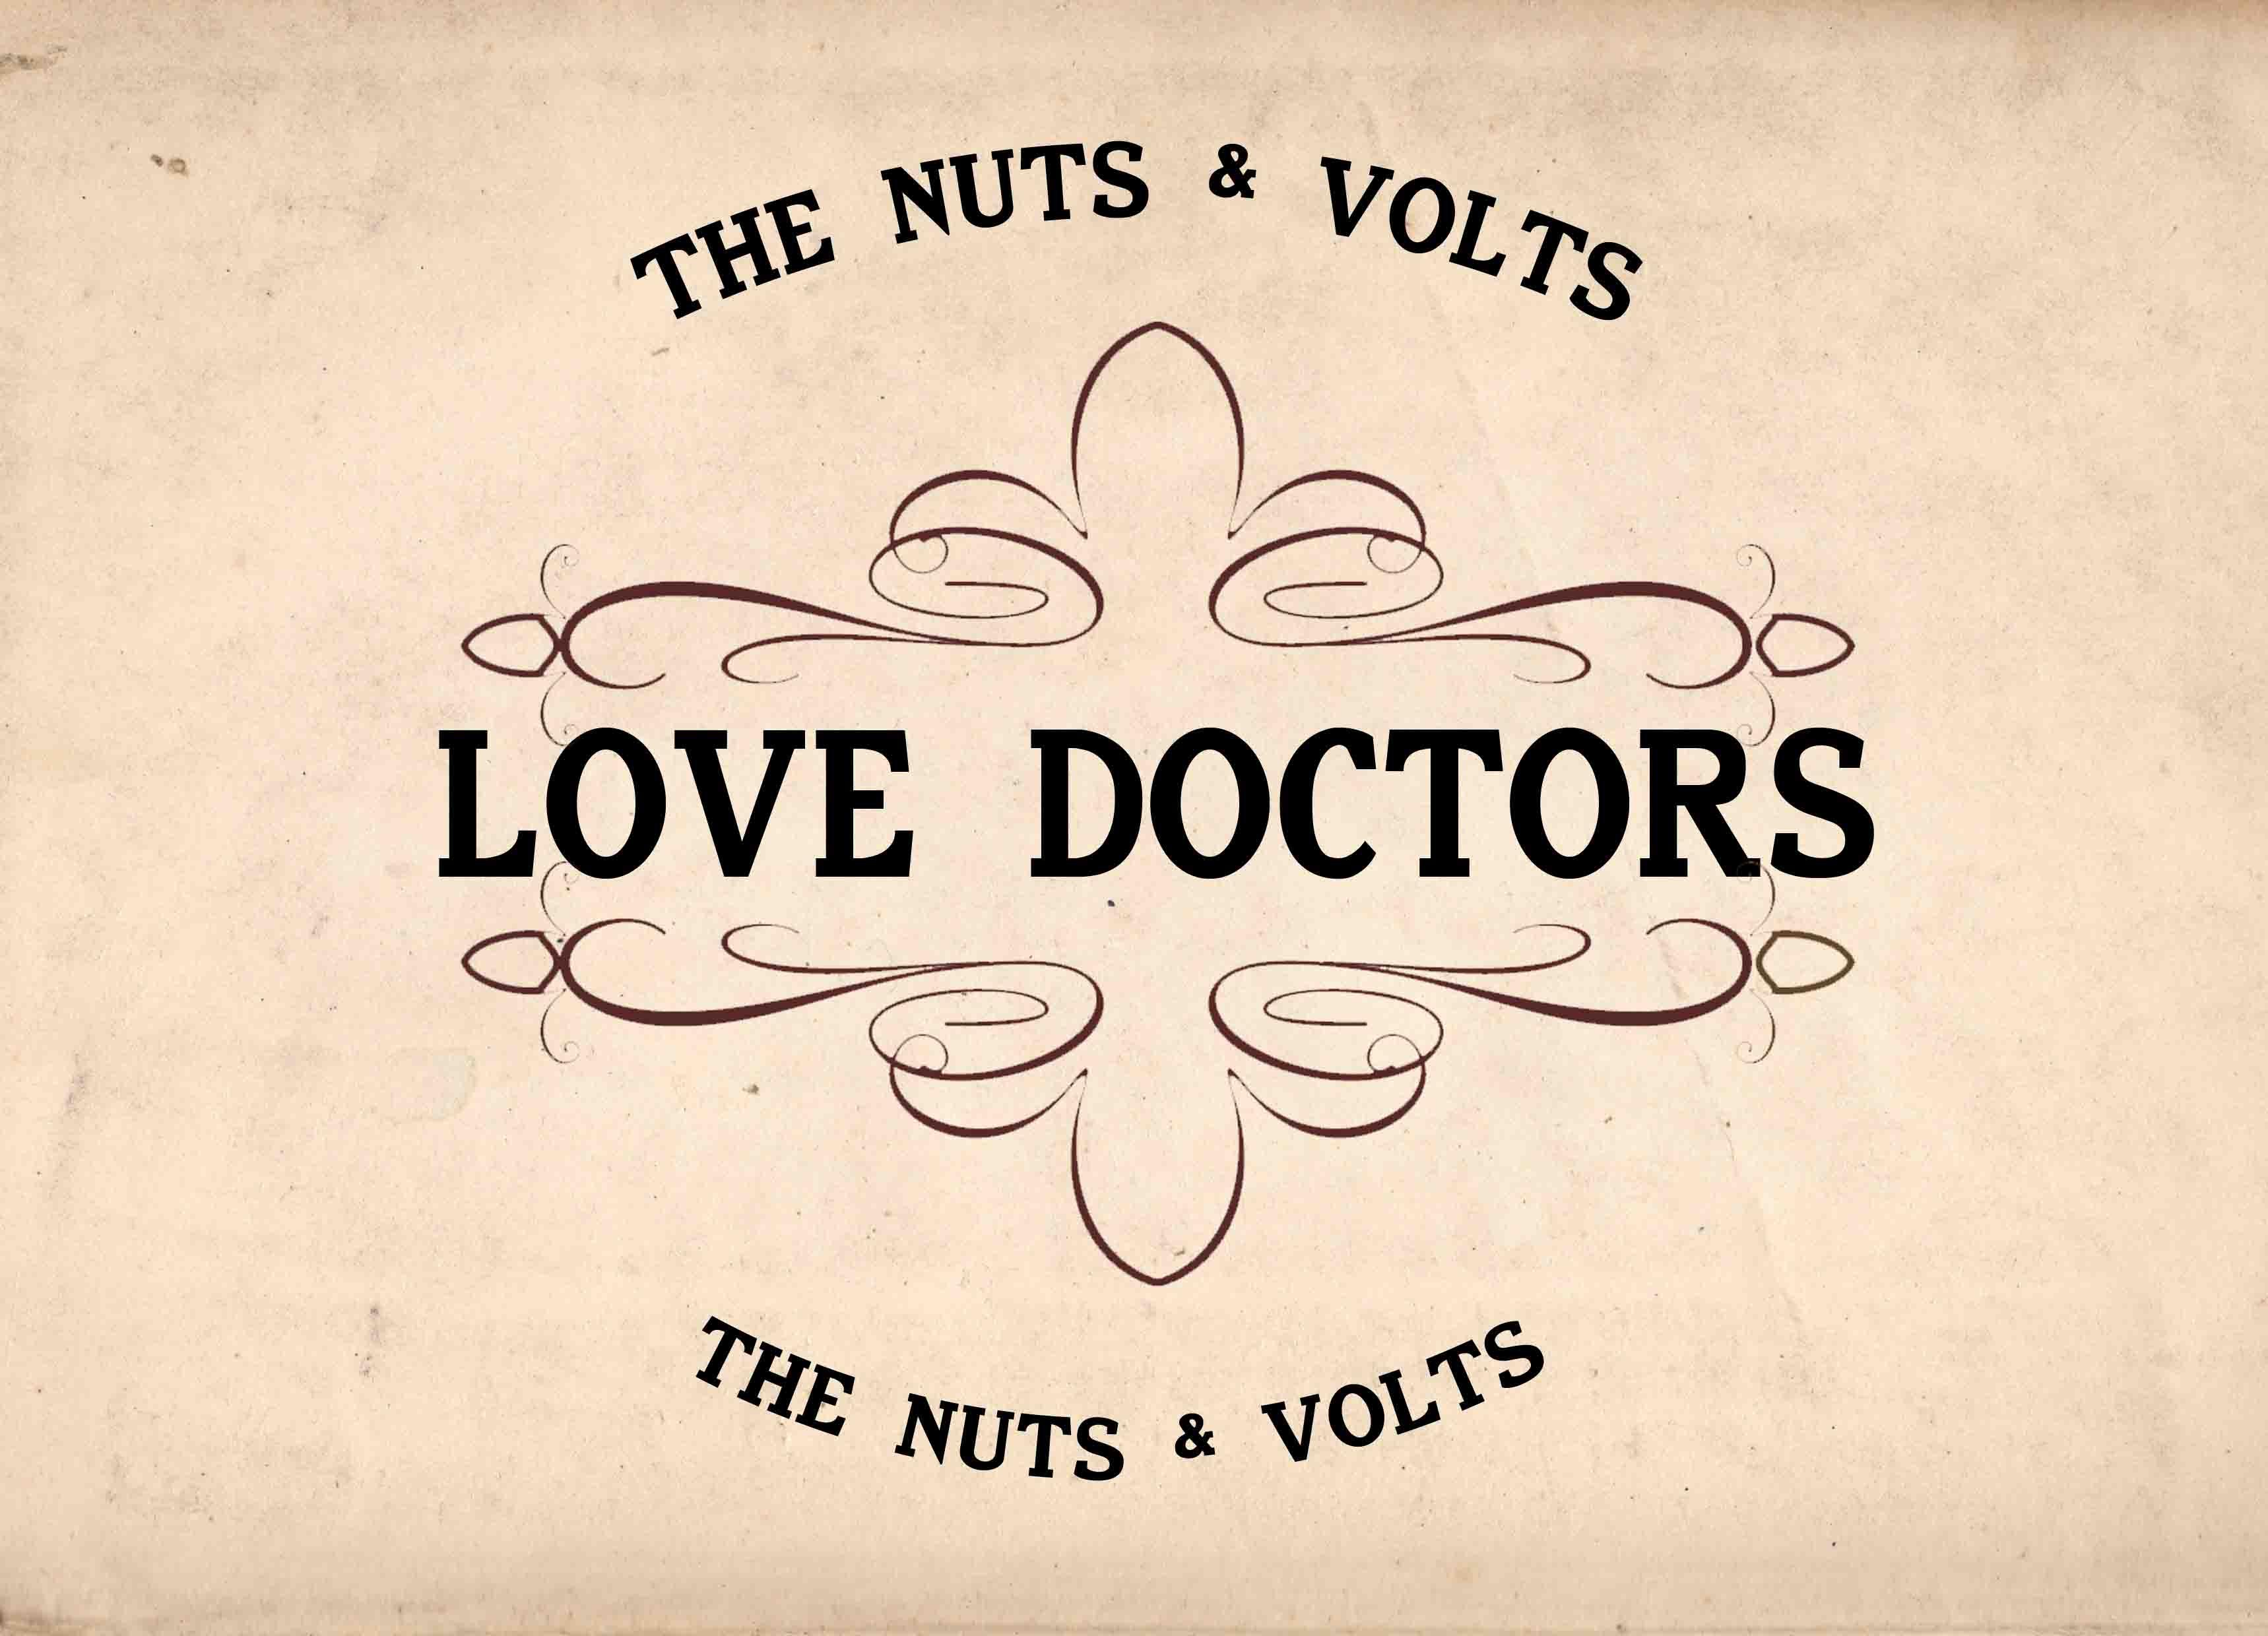 Love Doctors